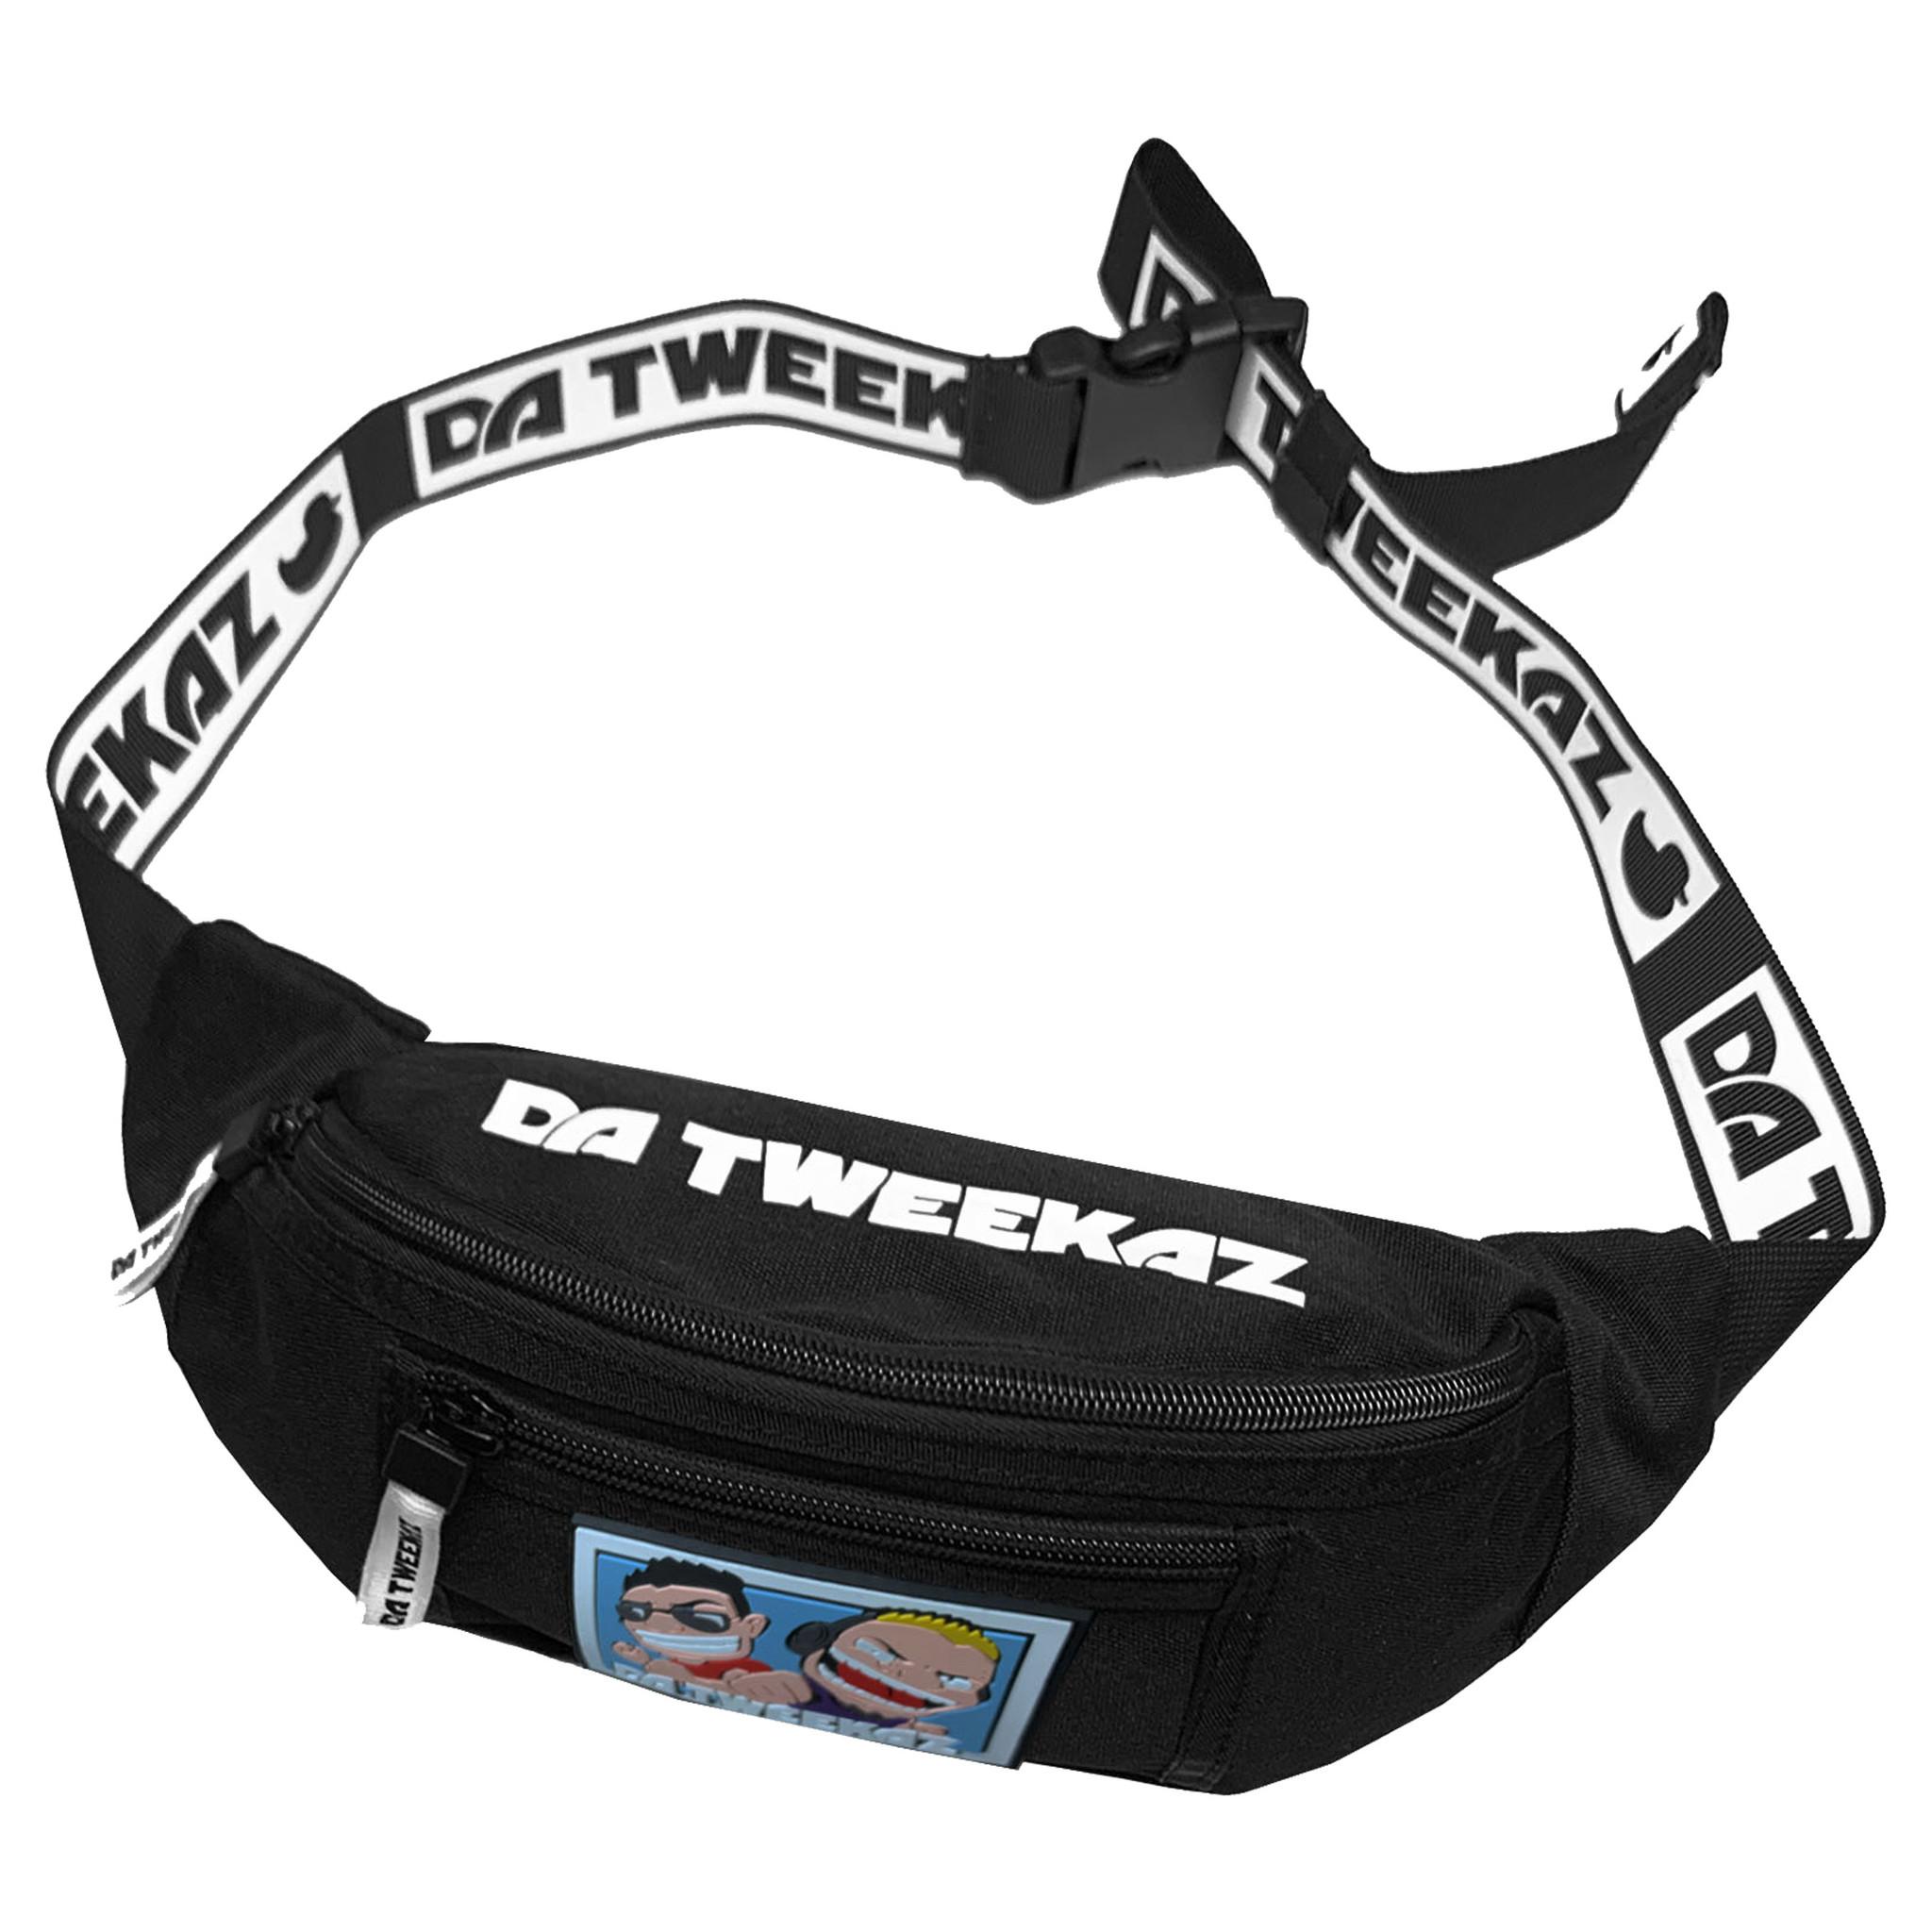 Da Tweekaz - Cartoon Logo Shoulder Bag